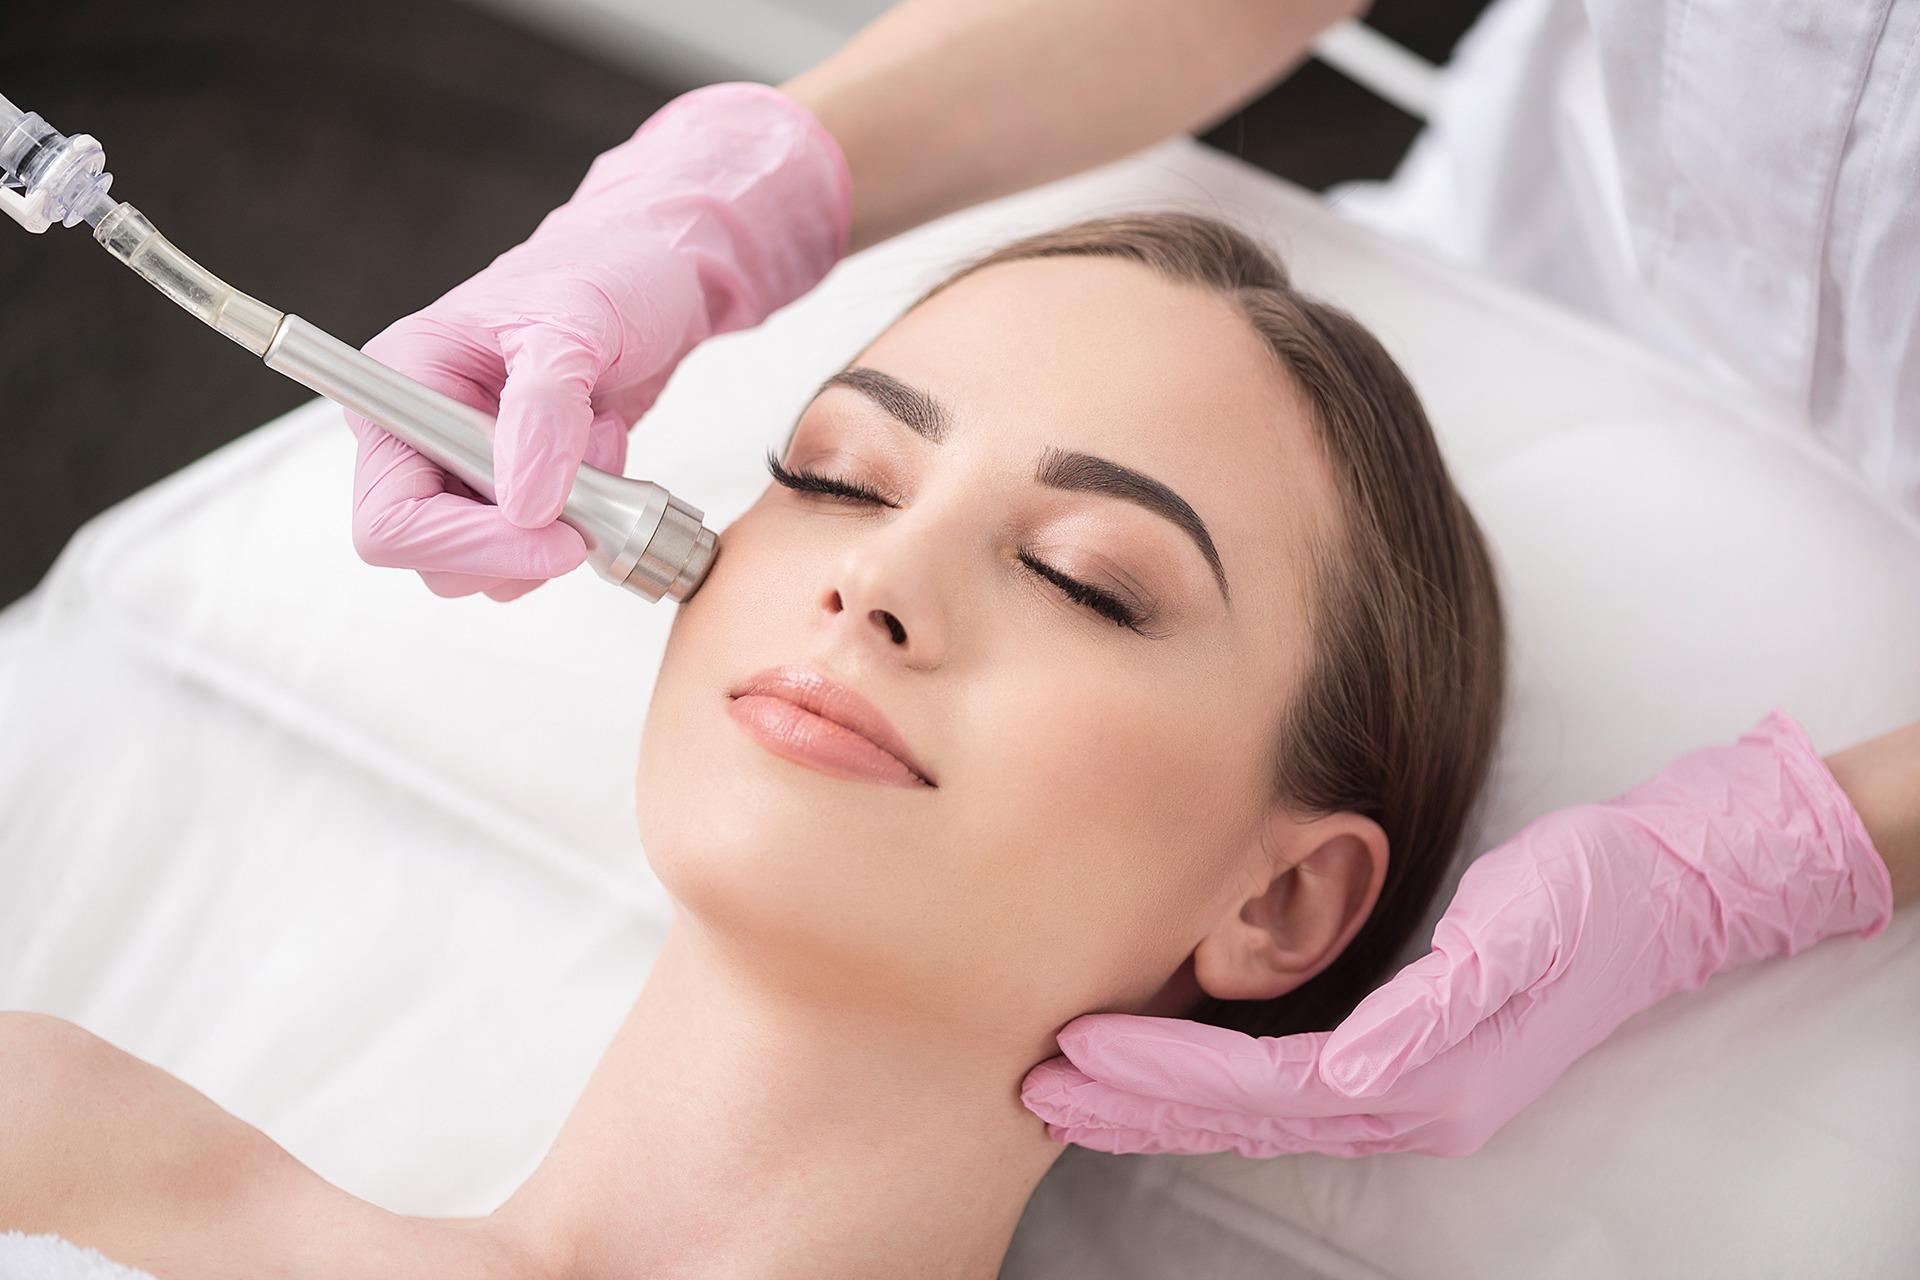 Podmlađivanje kože mikrodermoabrazijom